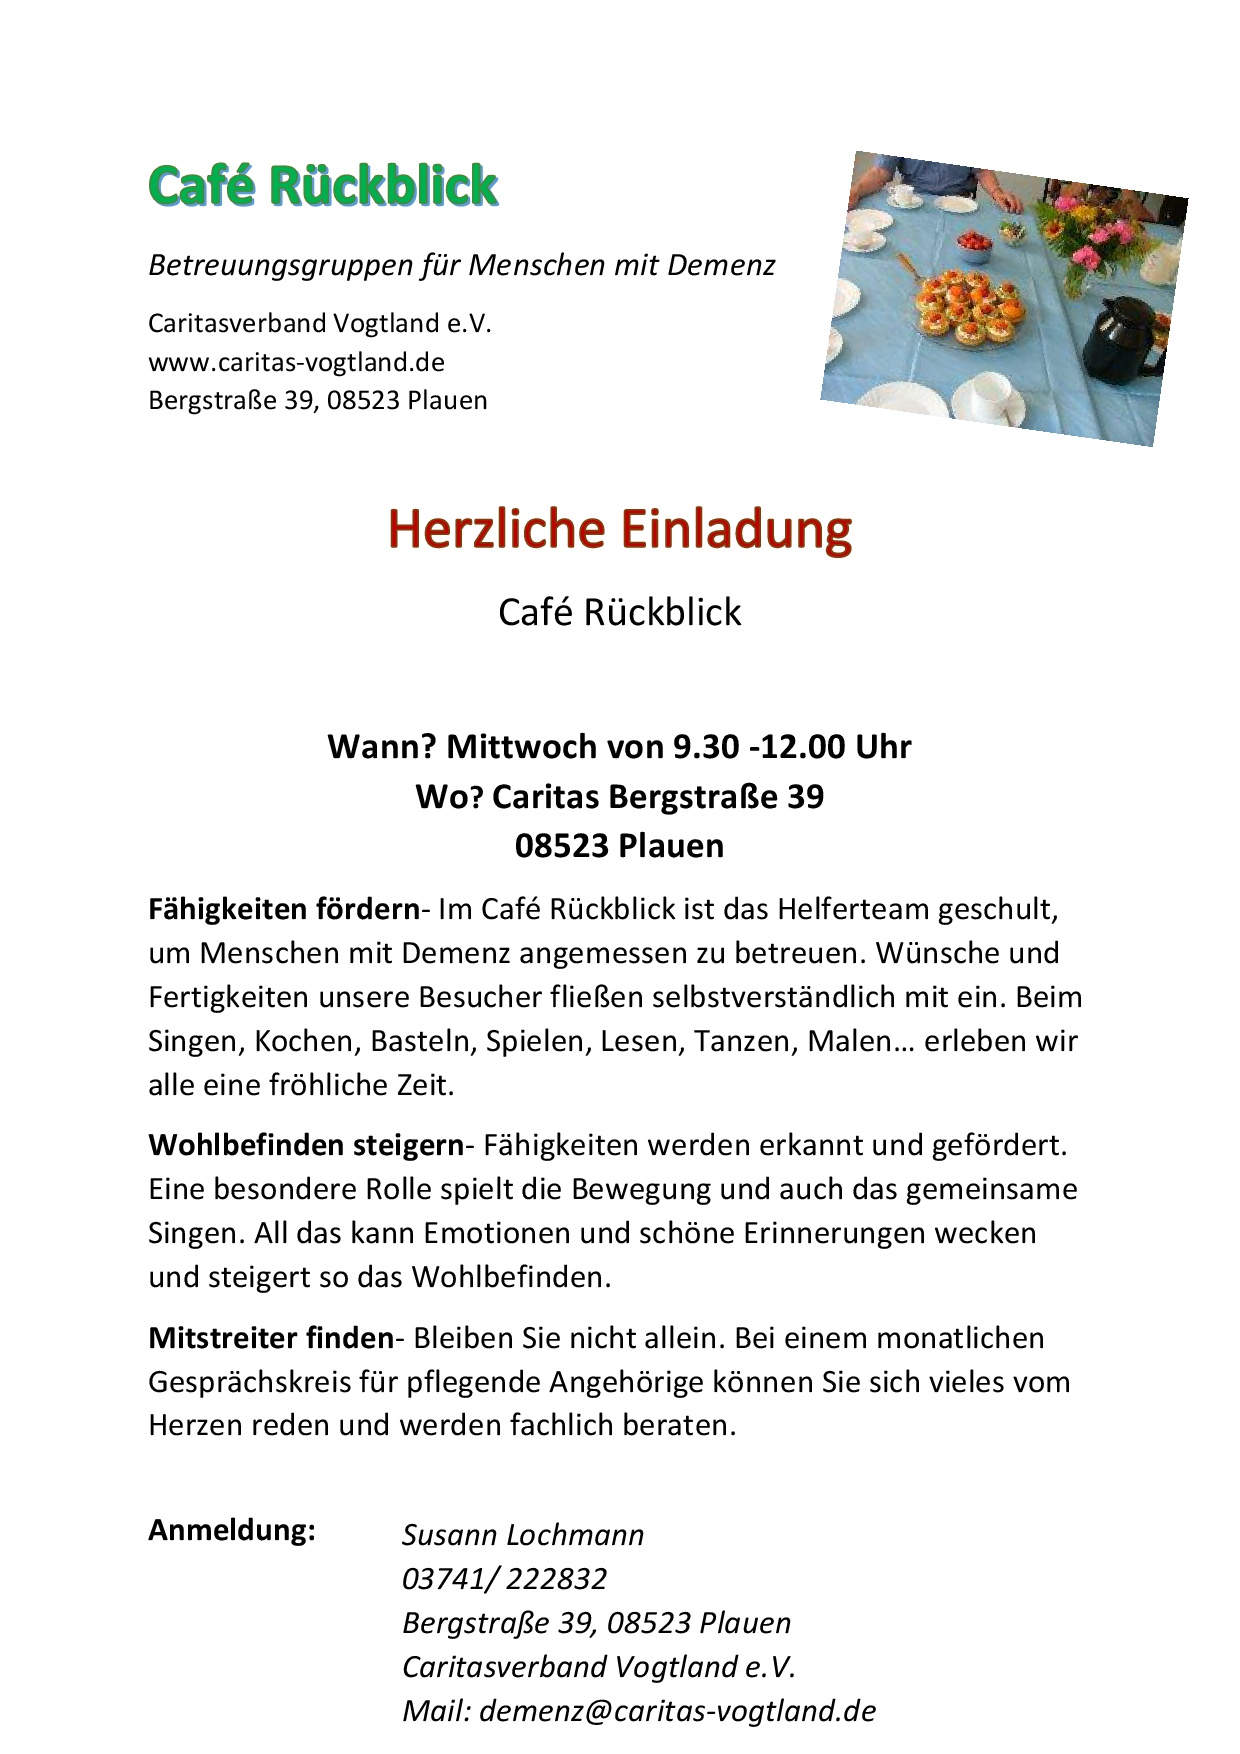 Café Rückblick Plakat